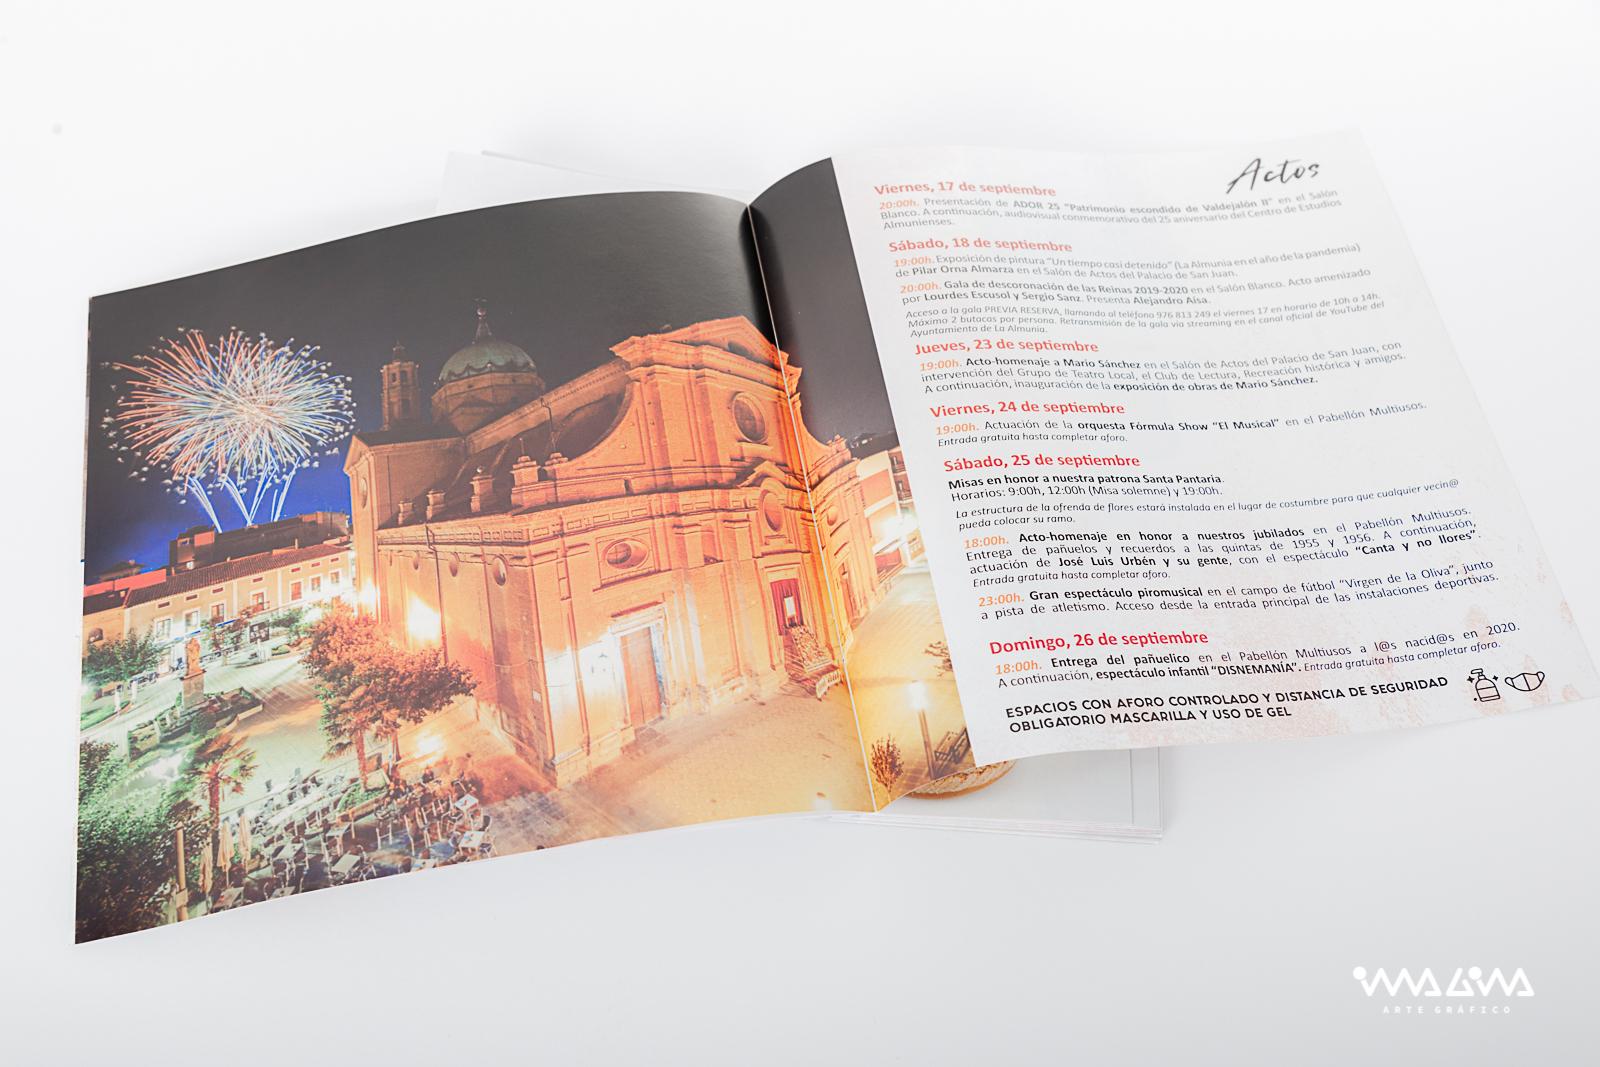 Programa No Fiestas de Santa Pantaria 2021 - Imagina Arte Gráfico